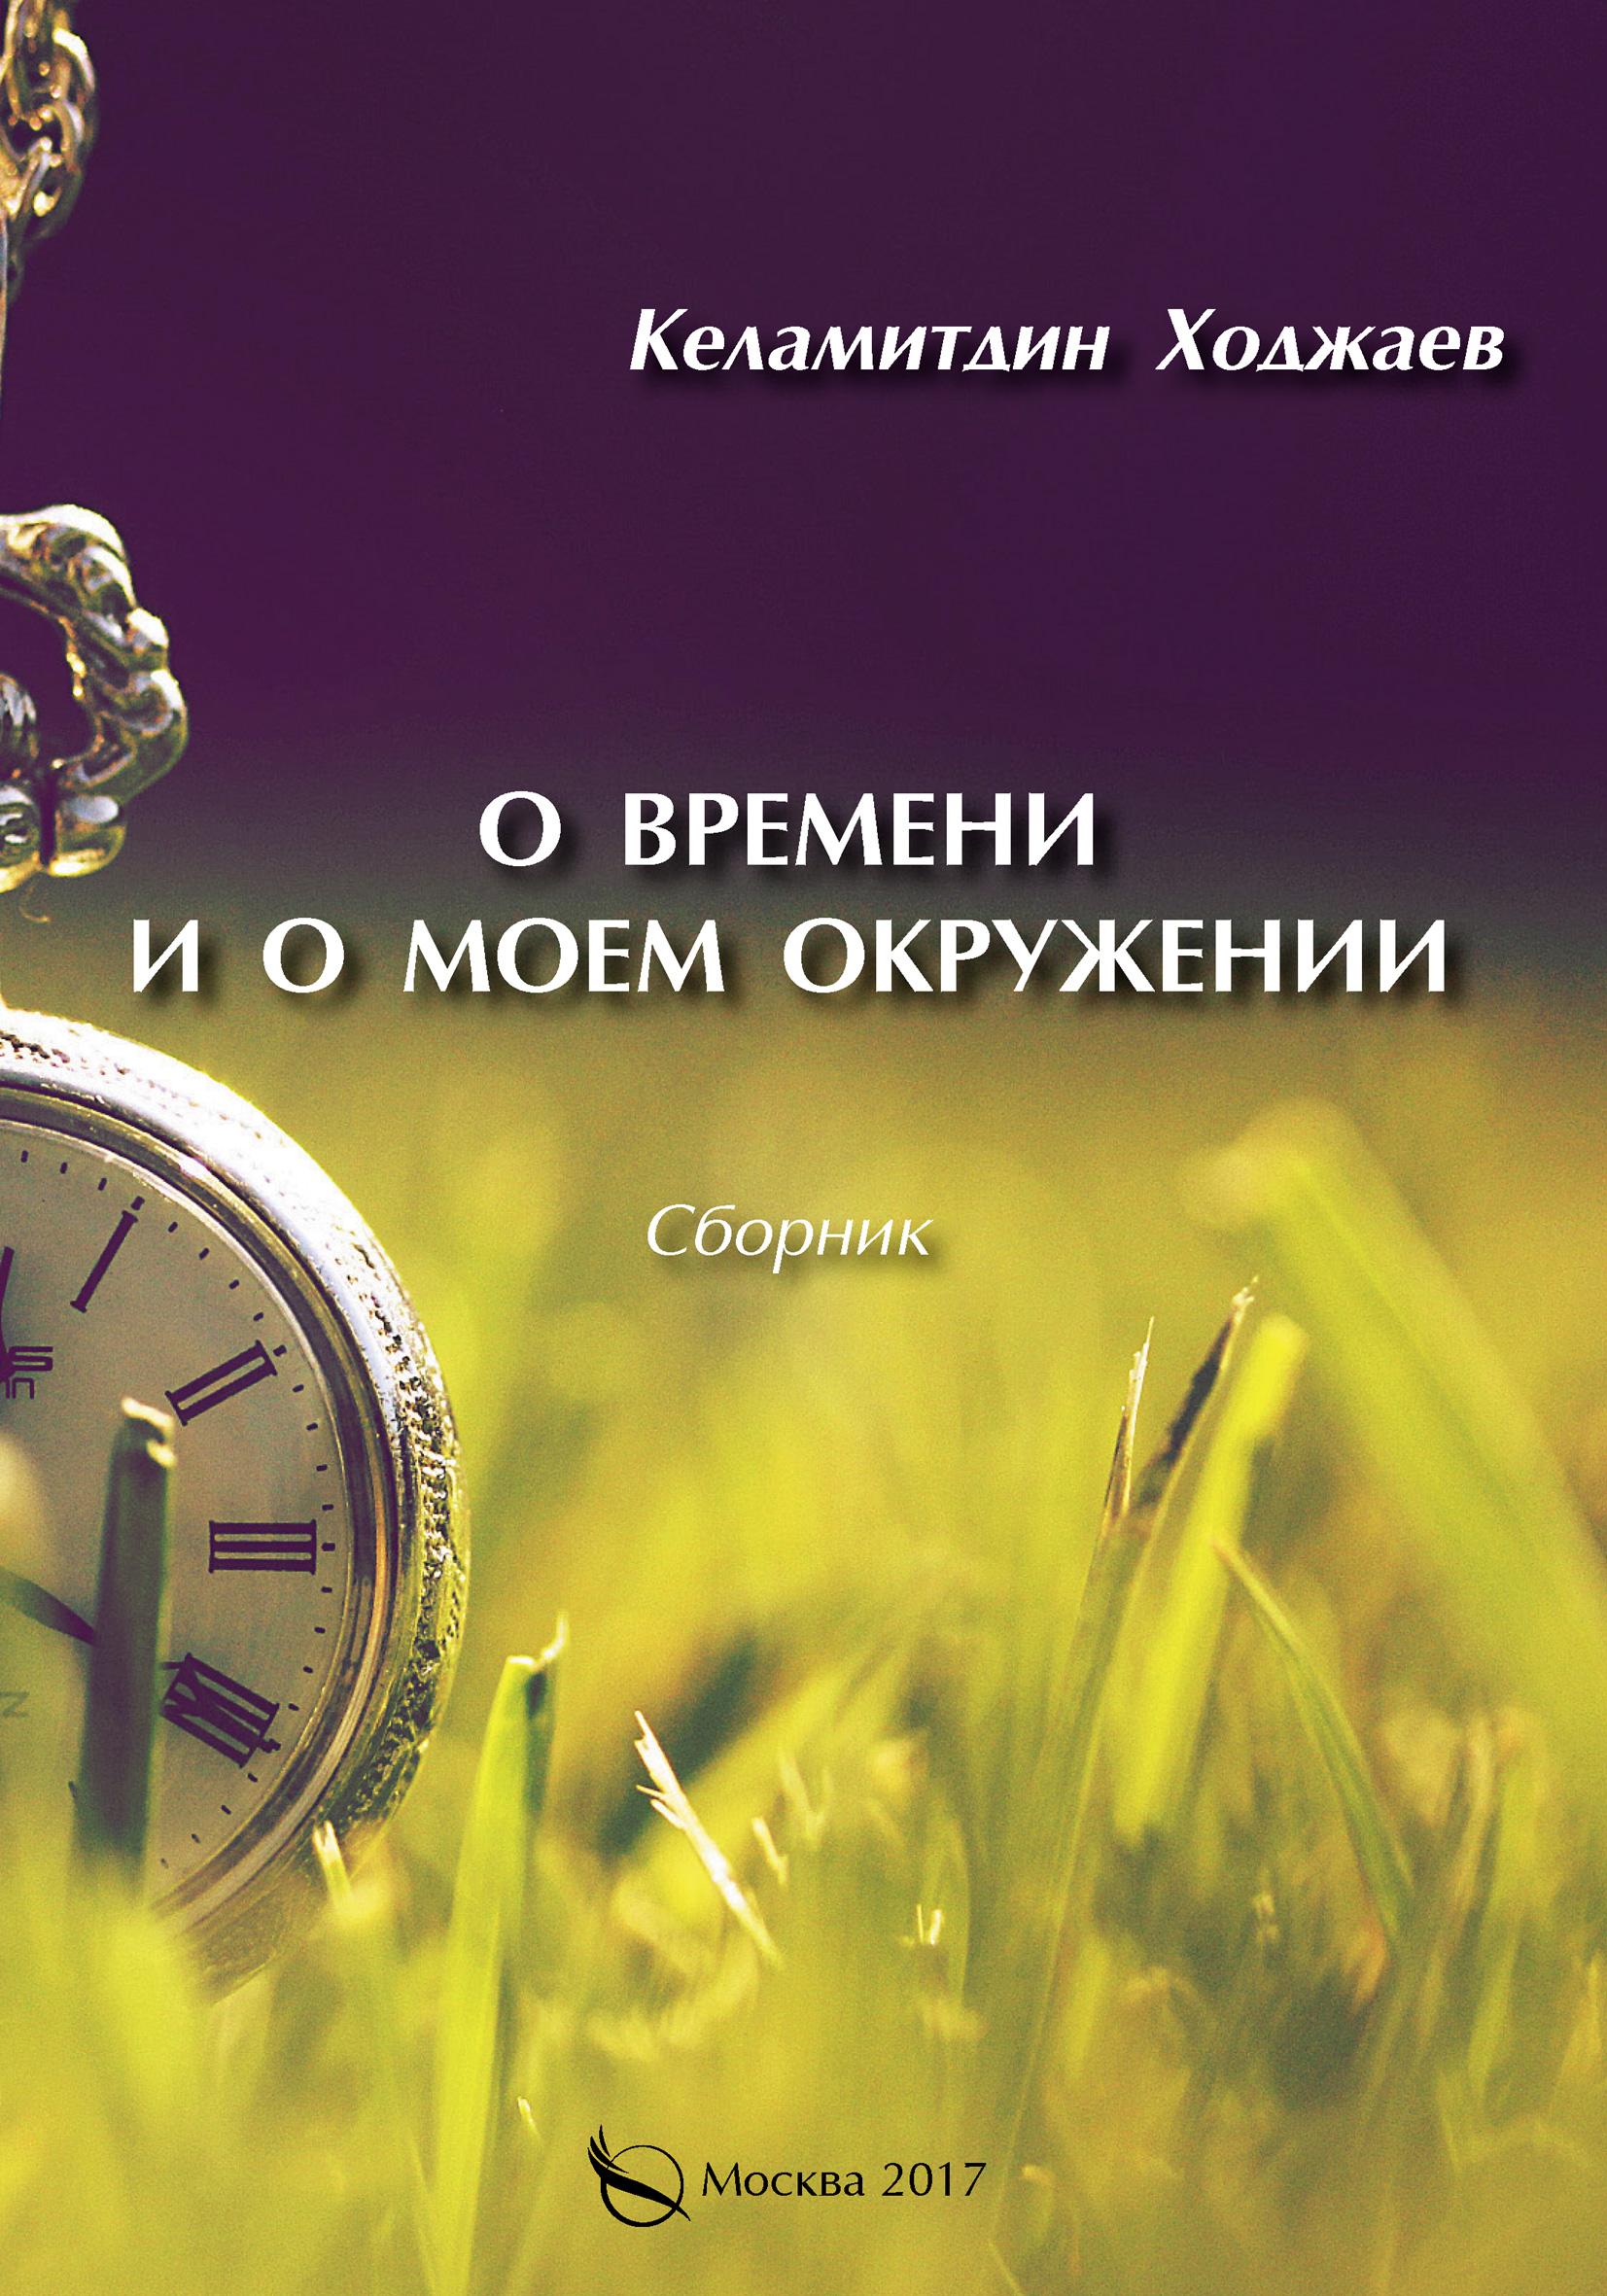 О времени и о моем окружении (сборник)